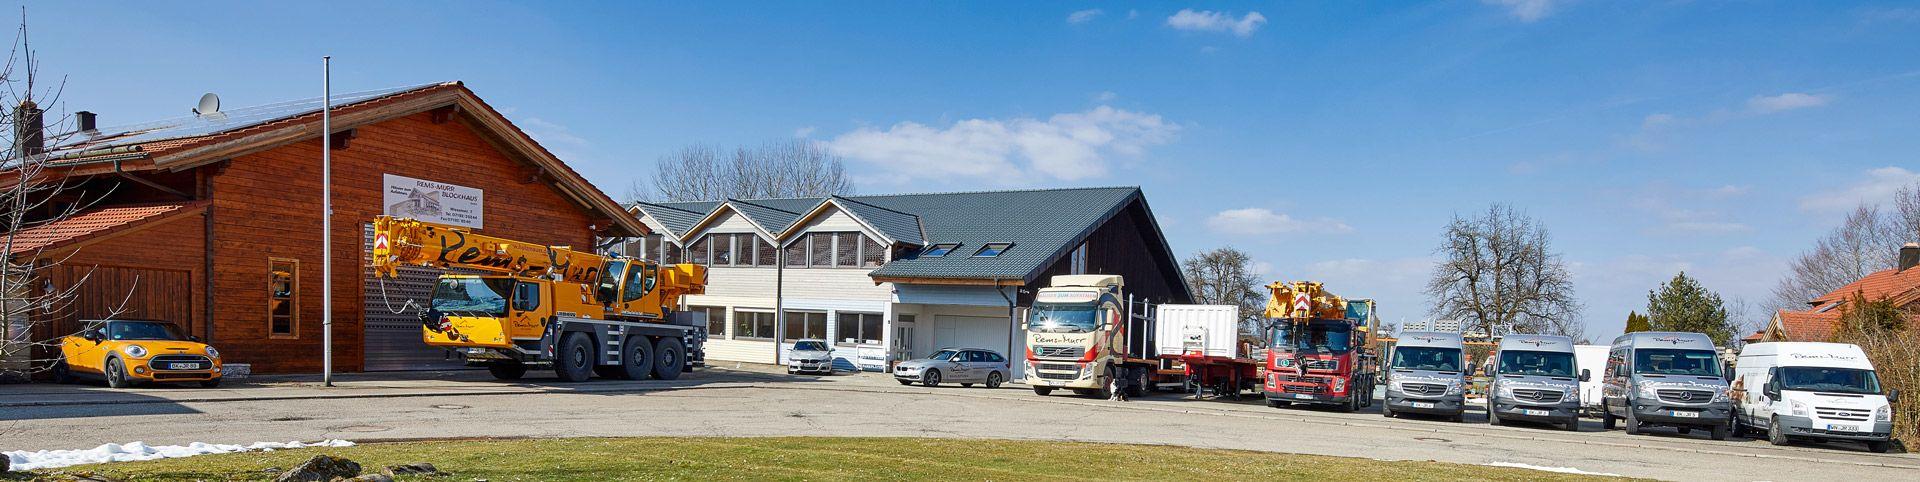 Fahrzeuge, LKW, Kranwagen; Autokran, Sattelzug von Rems-Murr-Holzhaus